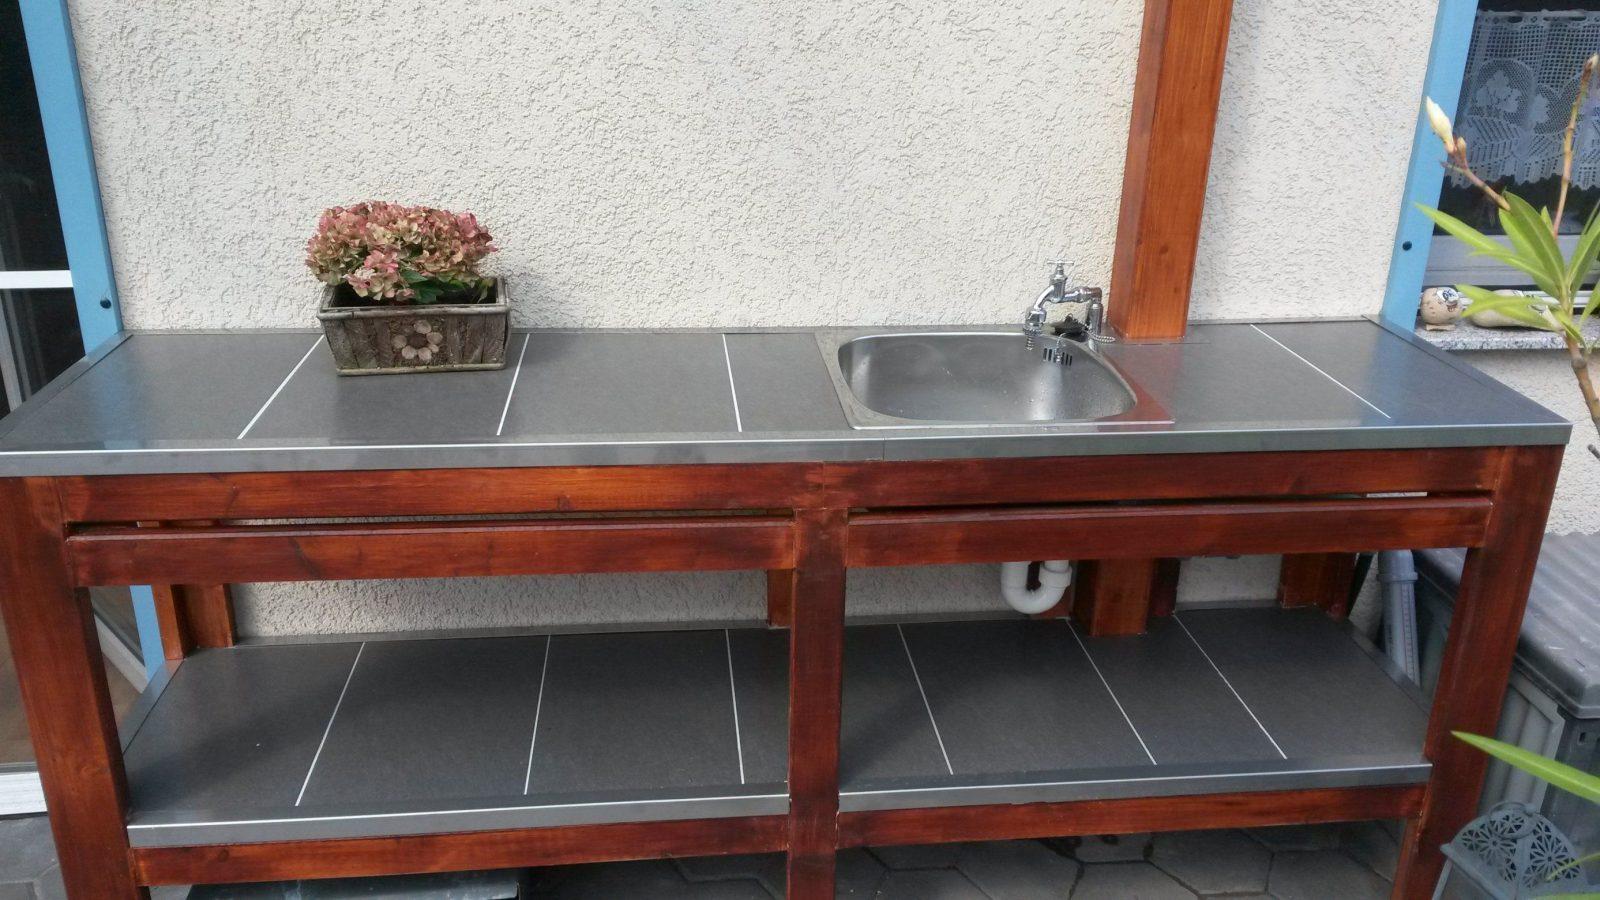 Außenküche Selber Bauen Jobs : Außenküche selber bauen zapfanlage selber bauen bilder ideen